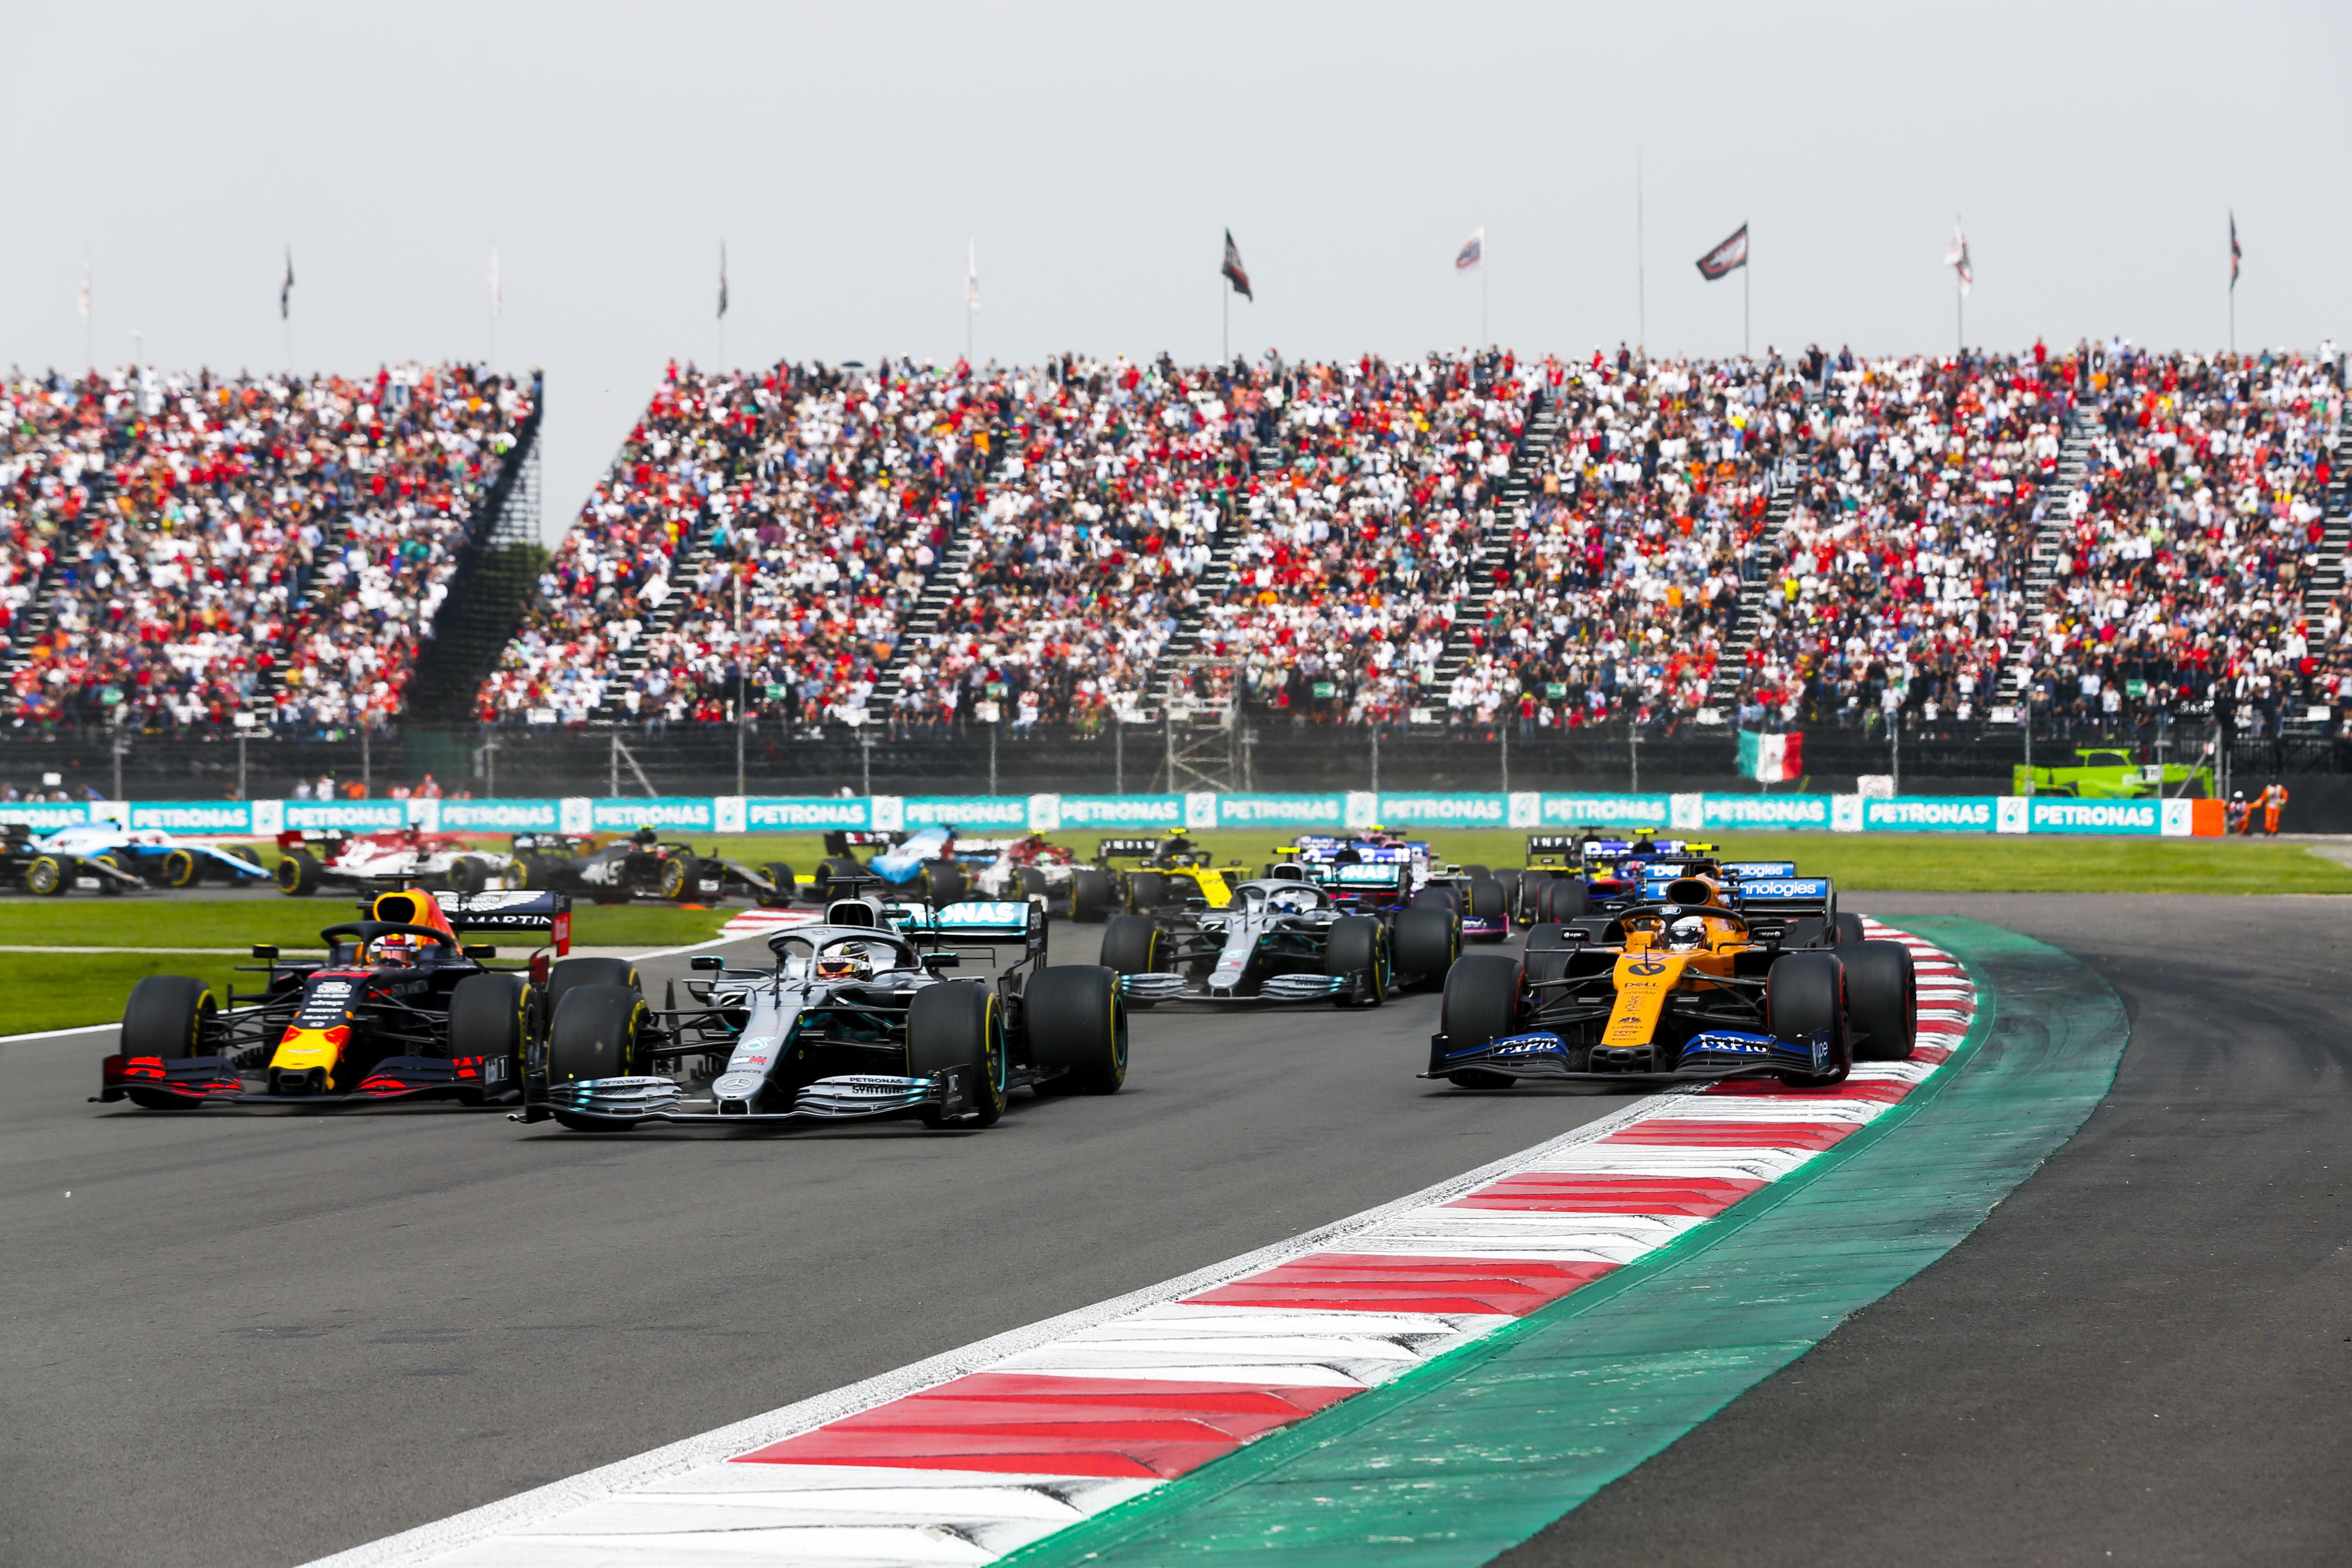 Radikális változásokba mentek bele az F1-es csapatok